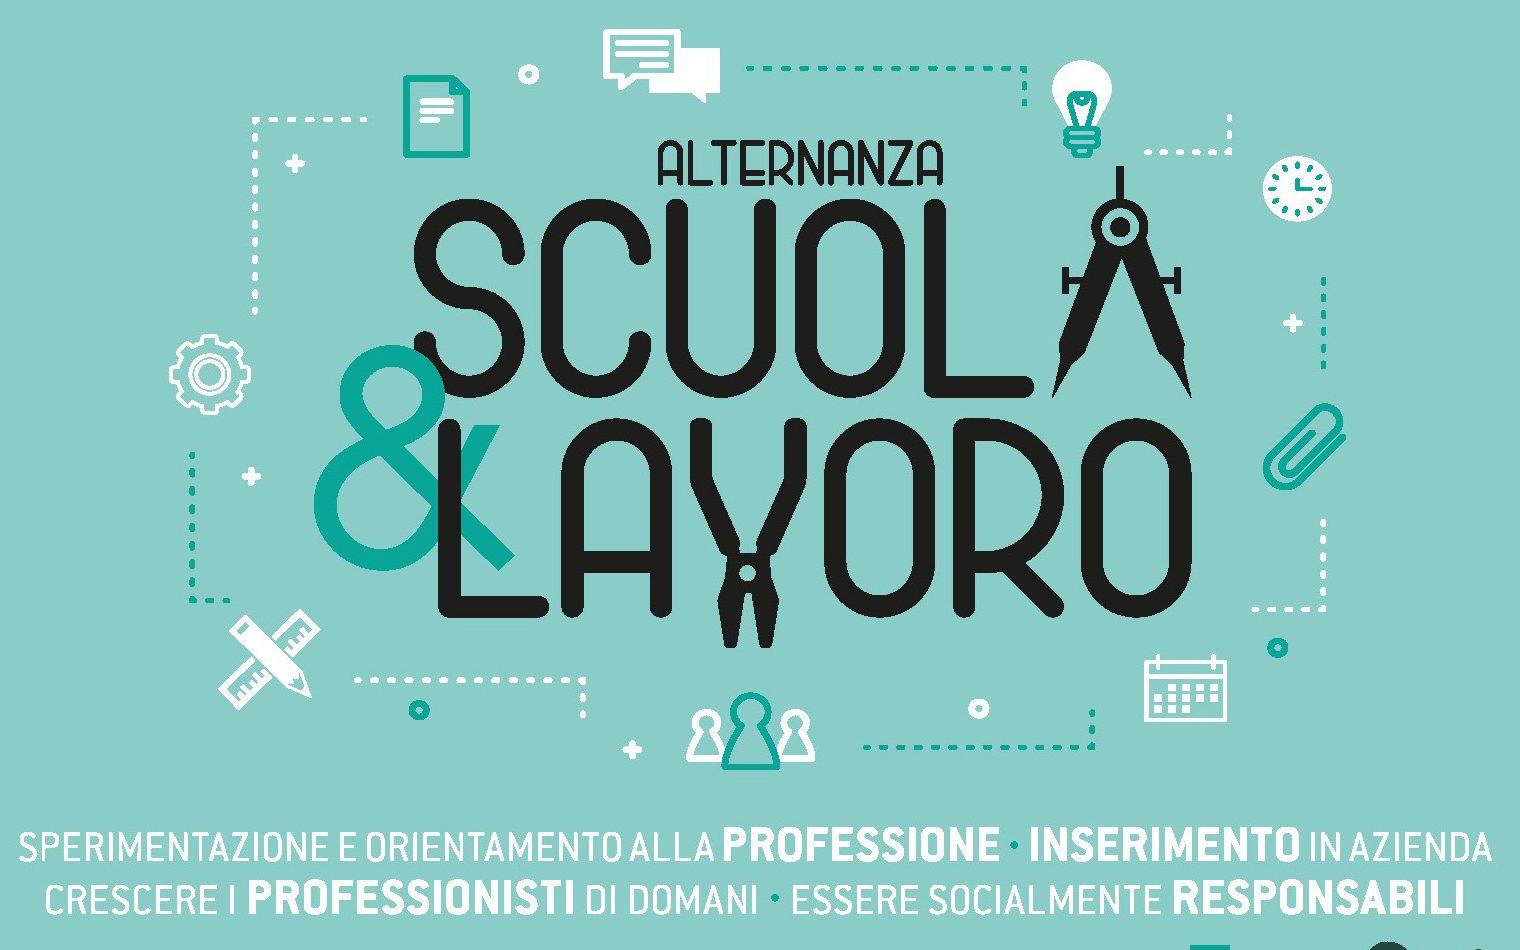 L'associazione Aziende Modenesi per la Responsabilità sociale d'impresa lancia il Manifesto per la Buona Alternanza Scuola-Lavoro